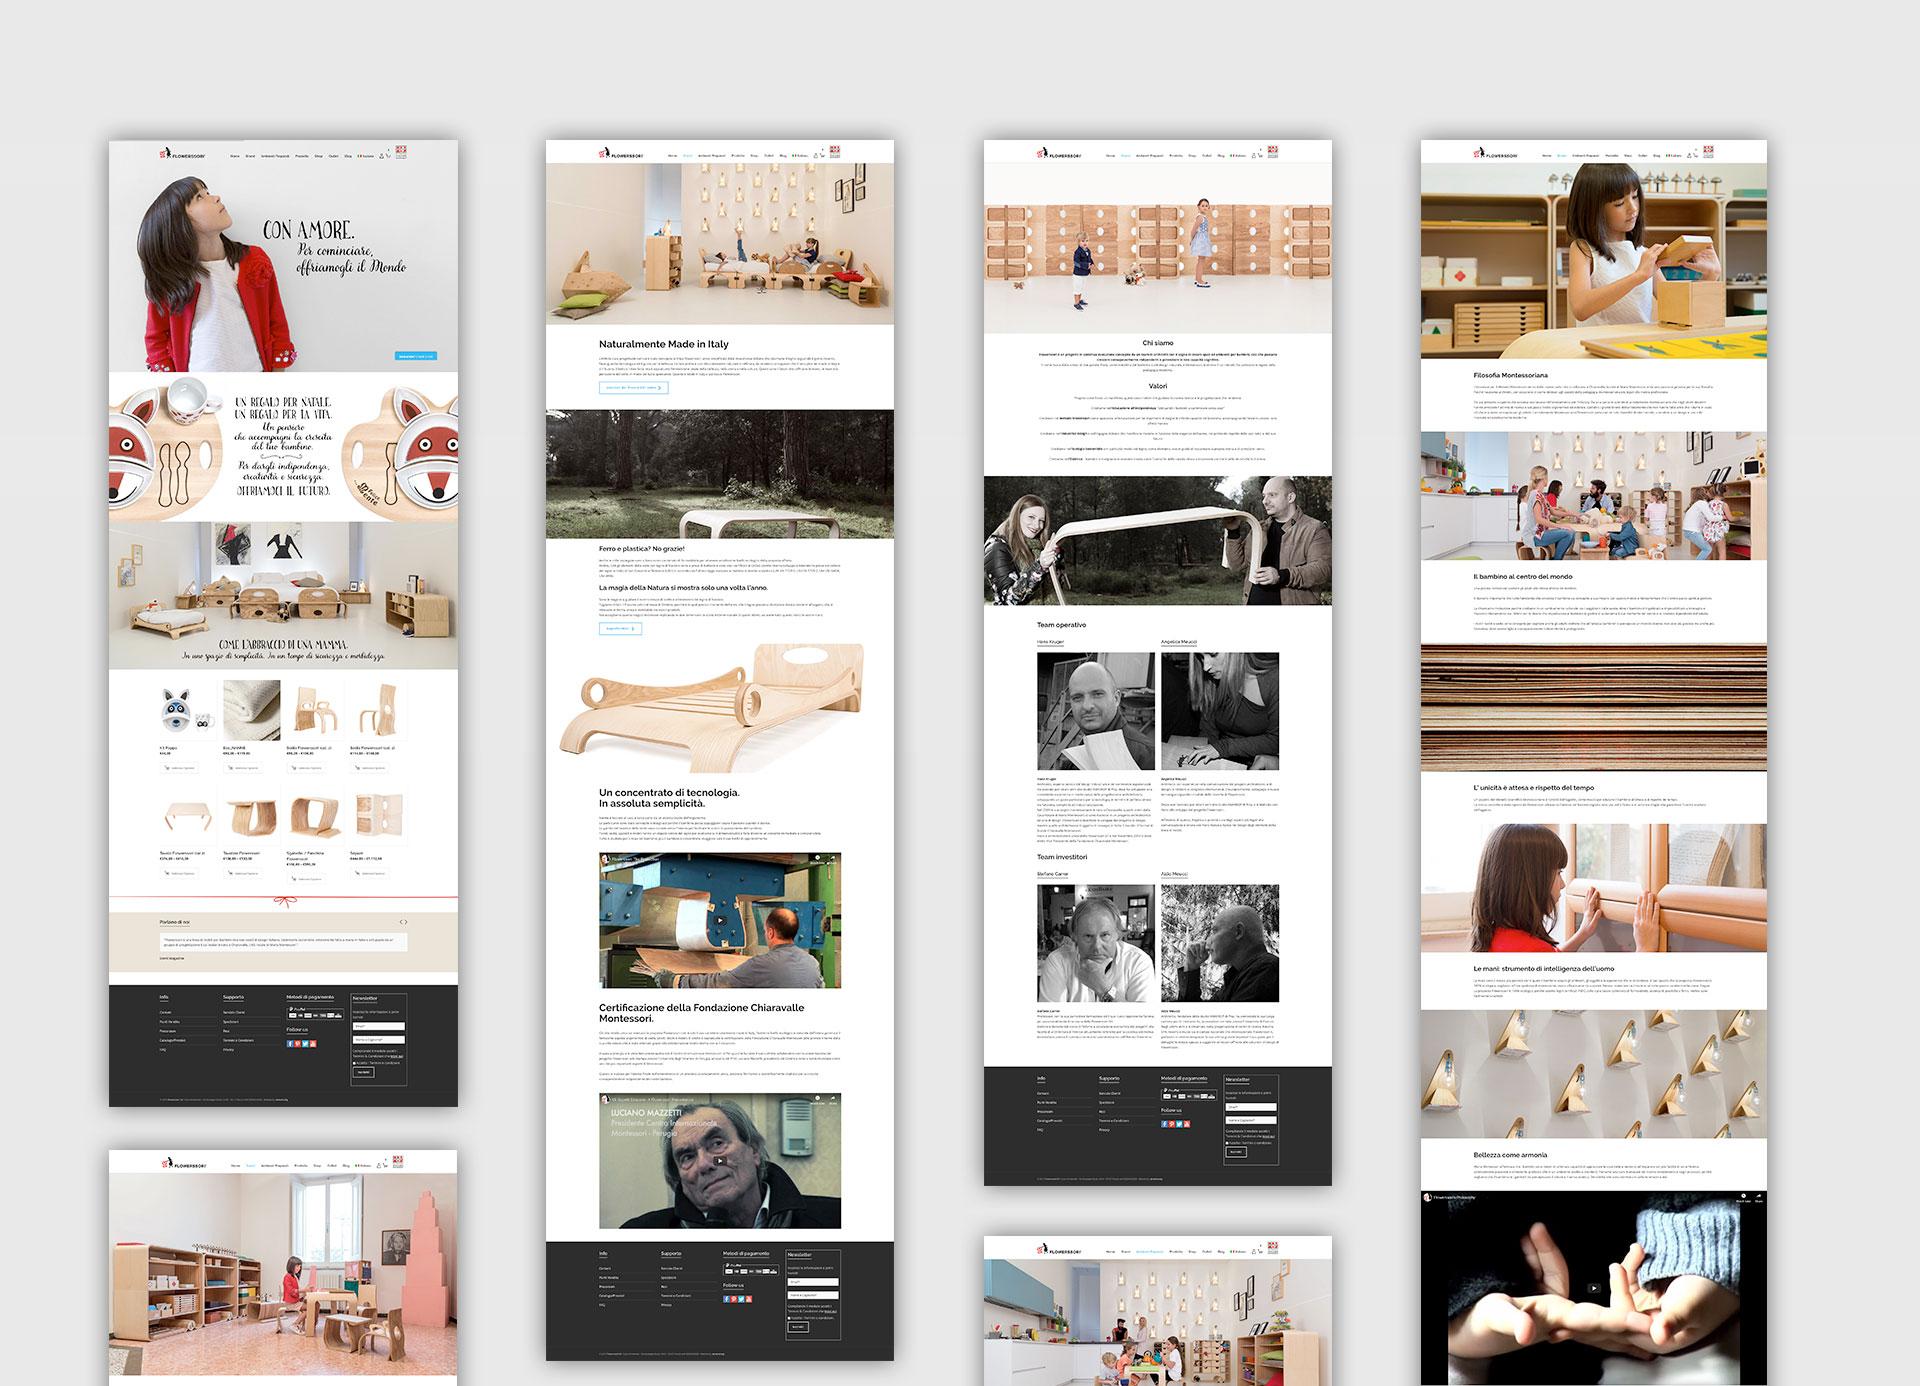 flowerssori-website-pages1